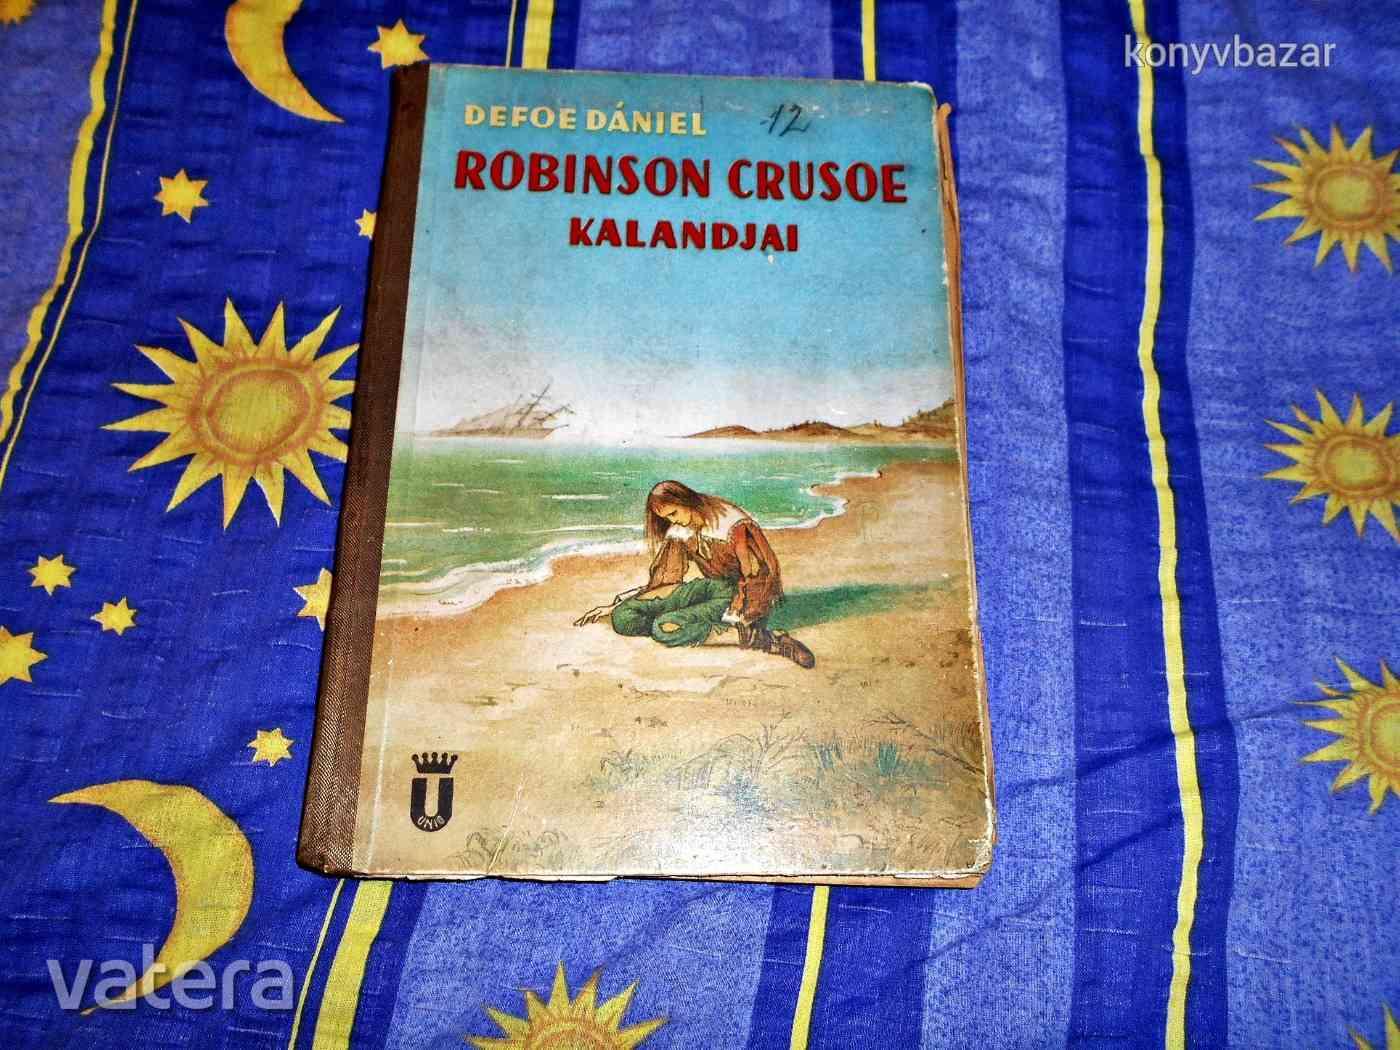 regi-defoe-daniel-robinson-crusoe-kalandjai-03ea_2_big.jpg